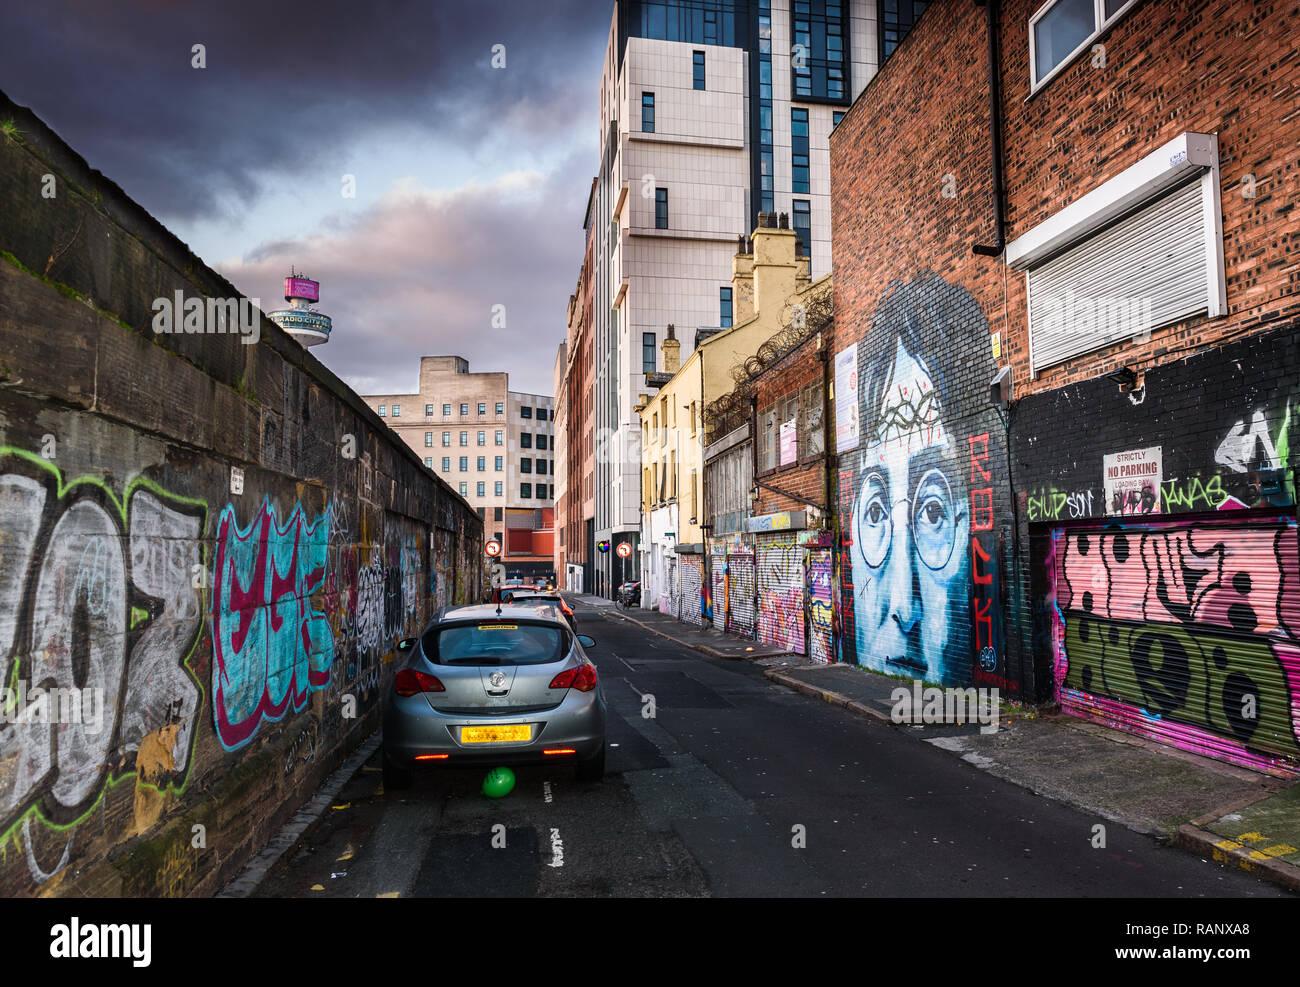 Un moody scène de la ruelle de Cropper Street, Liverpool John Lennon avec une peinture murale et d'autres graffitis. Banque D'Images